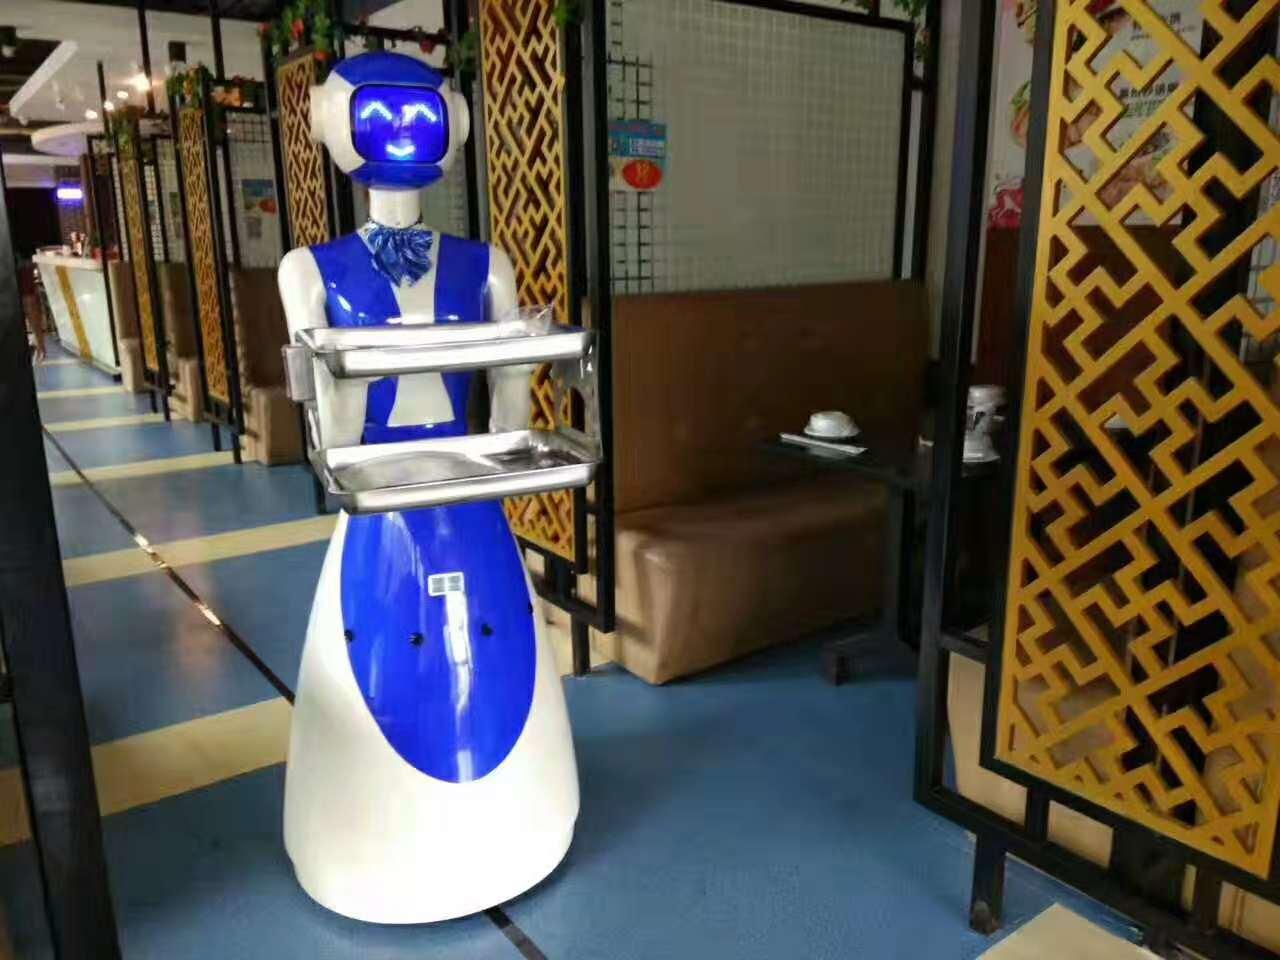 深圳罗湖喜洋洋餐厅送餐机器人案例